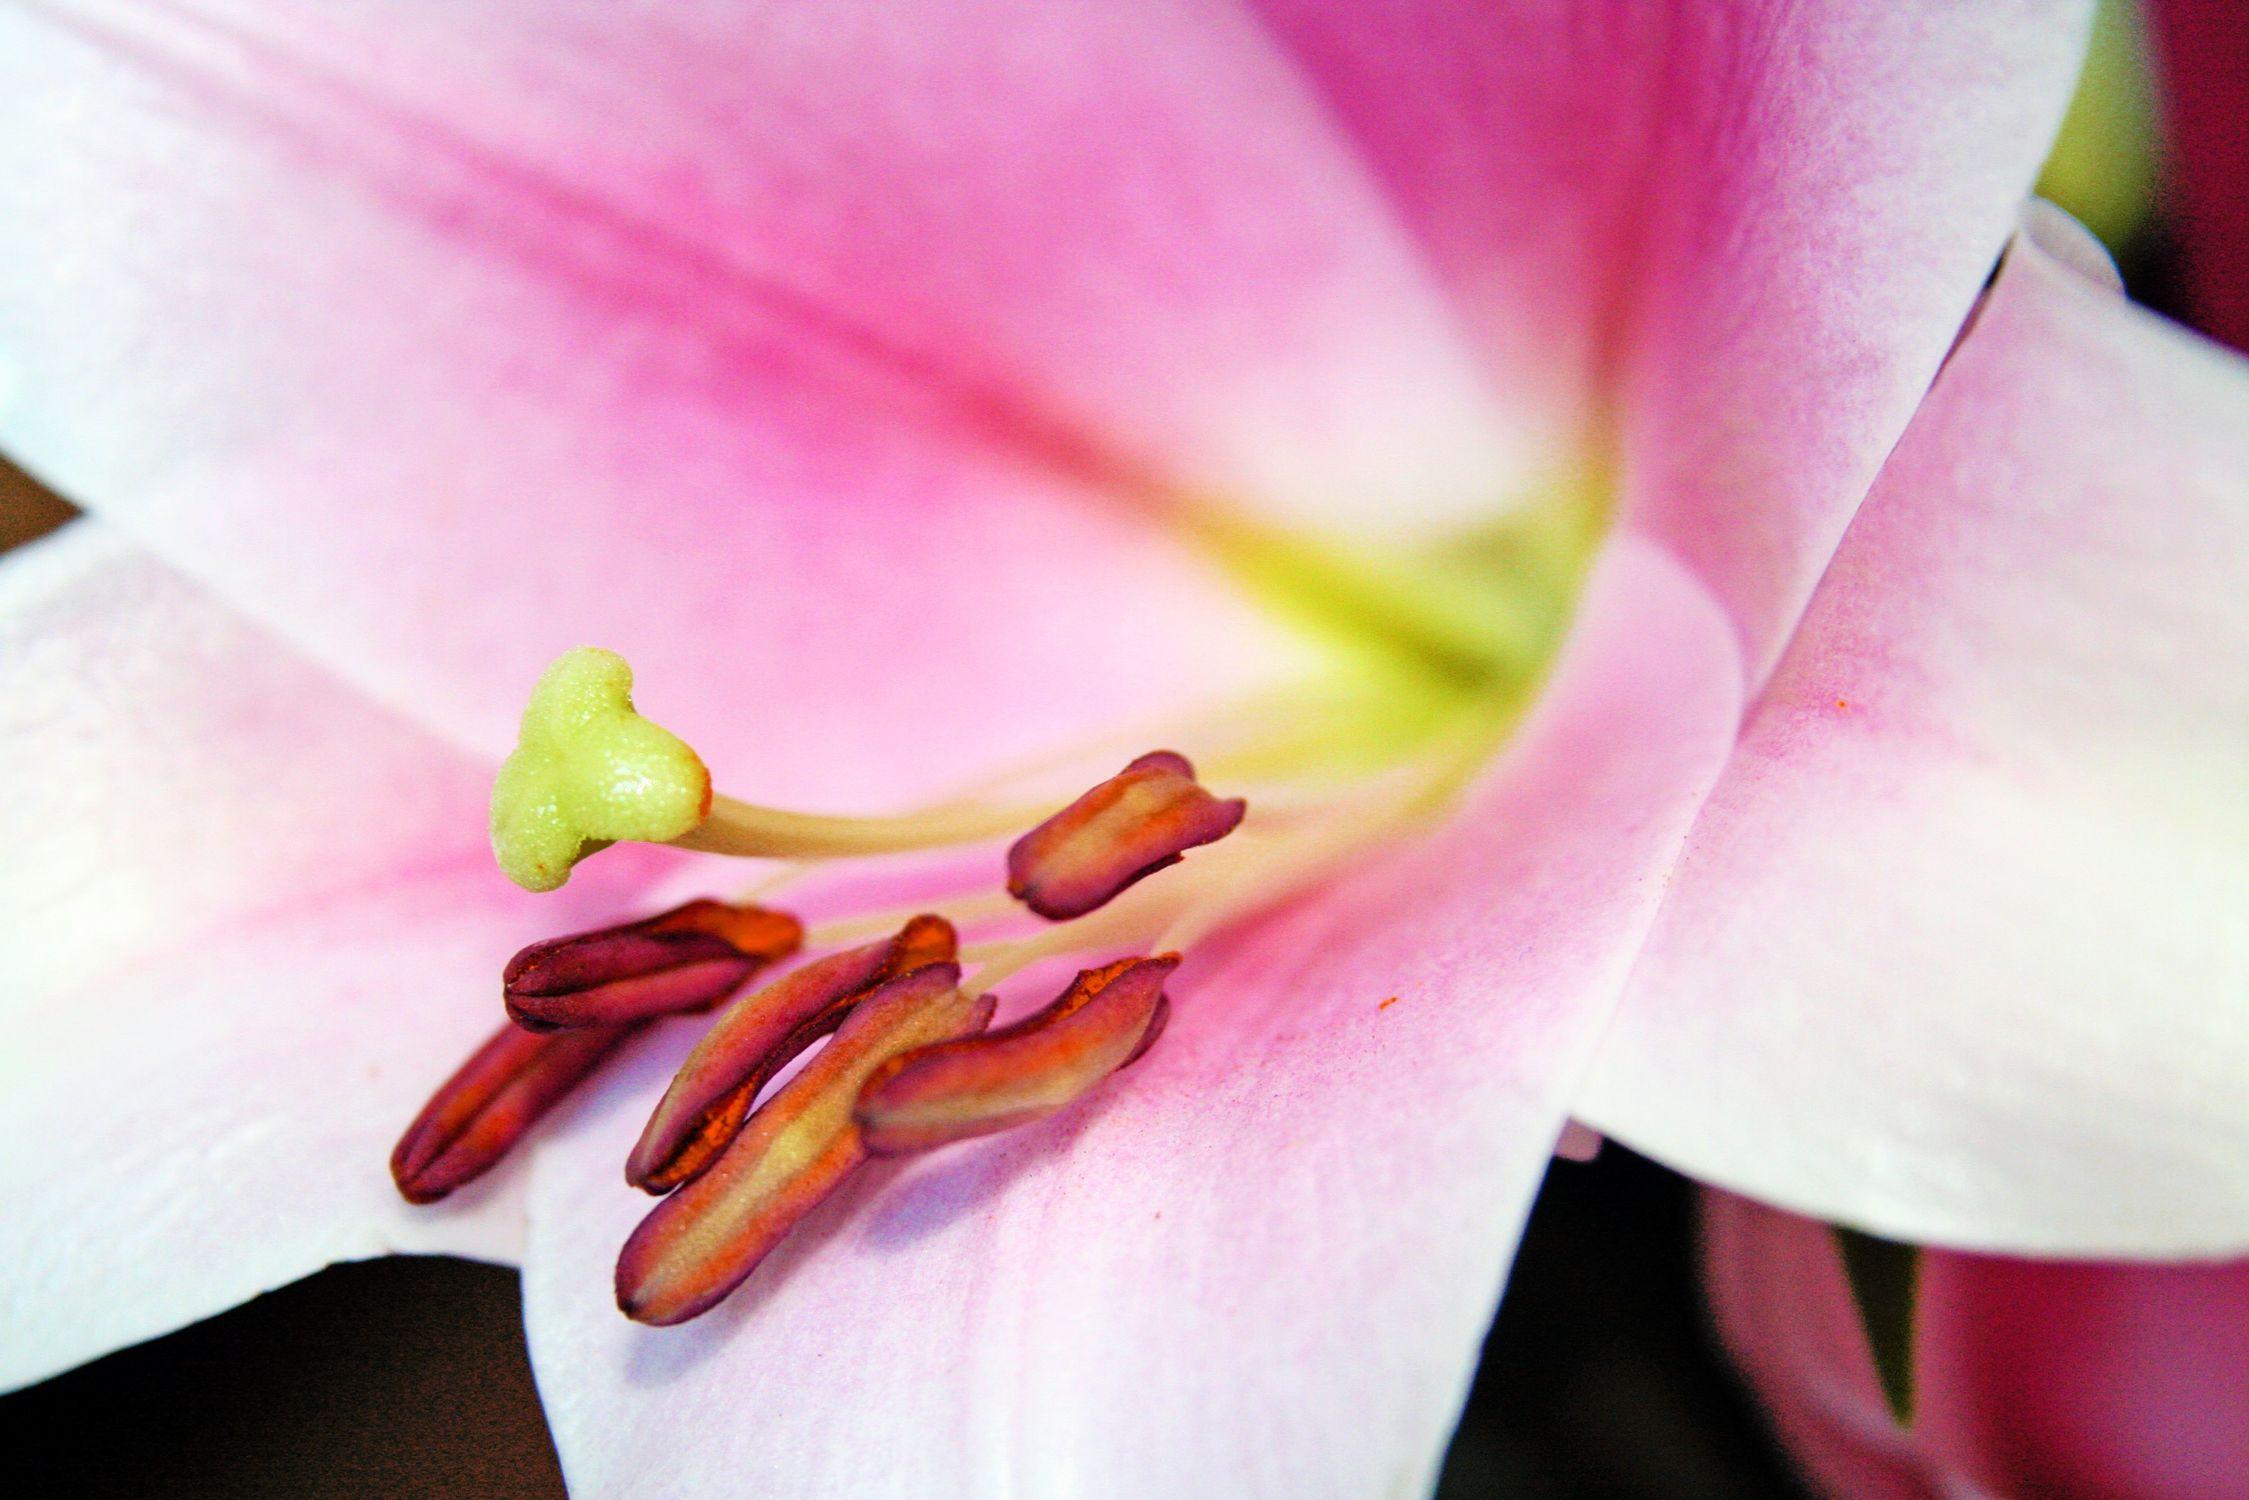 Bild mit Farben, Natur, Pflanzen, Jahreszeiten, Blumen, Weiß, Rosa, Frühling, Lilie